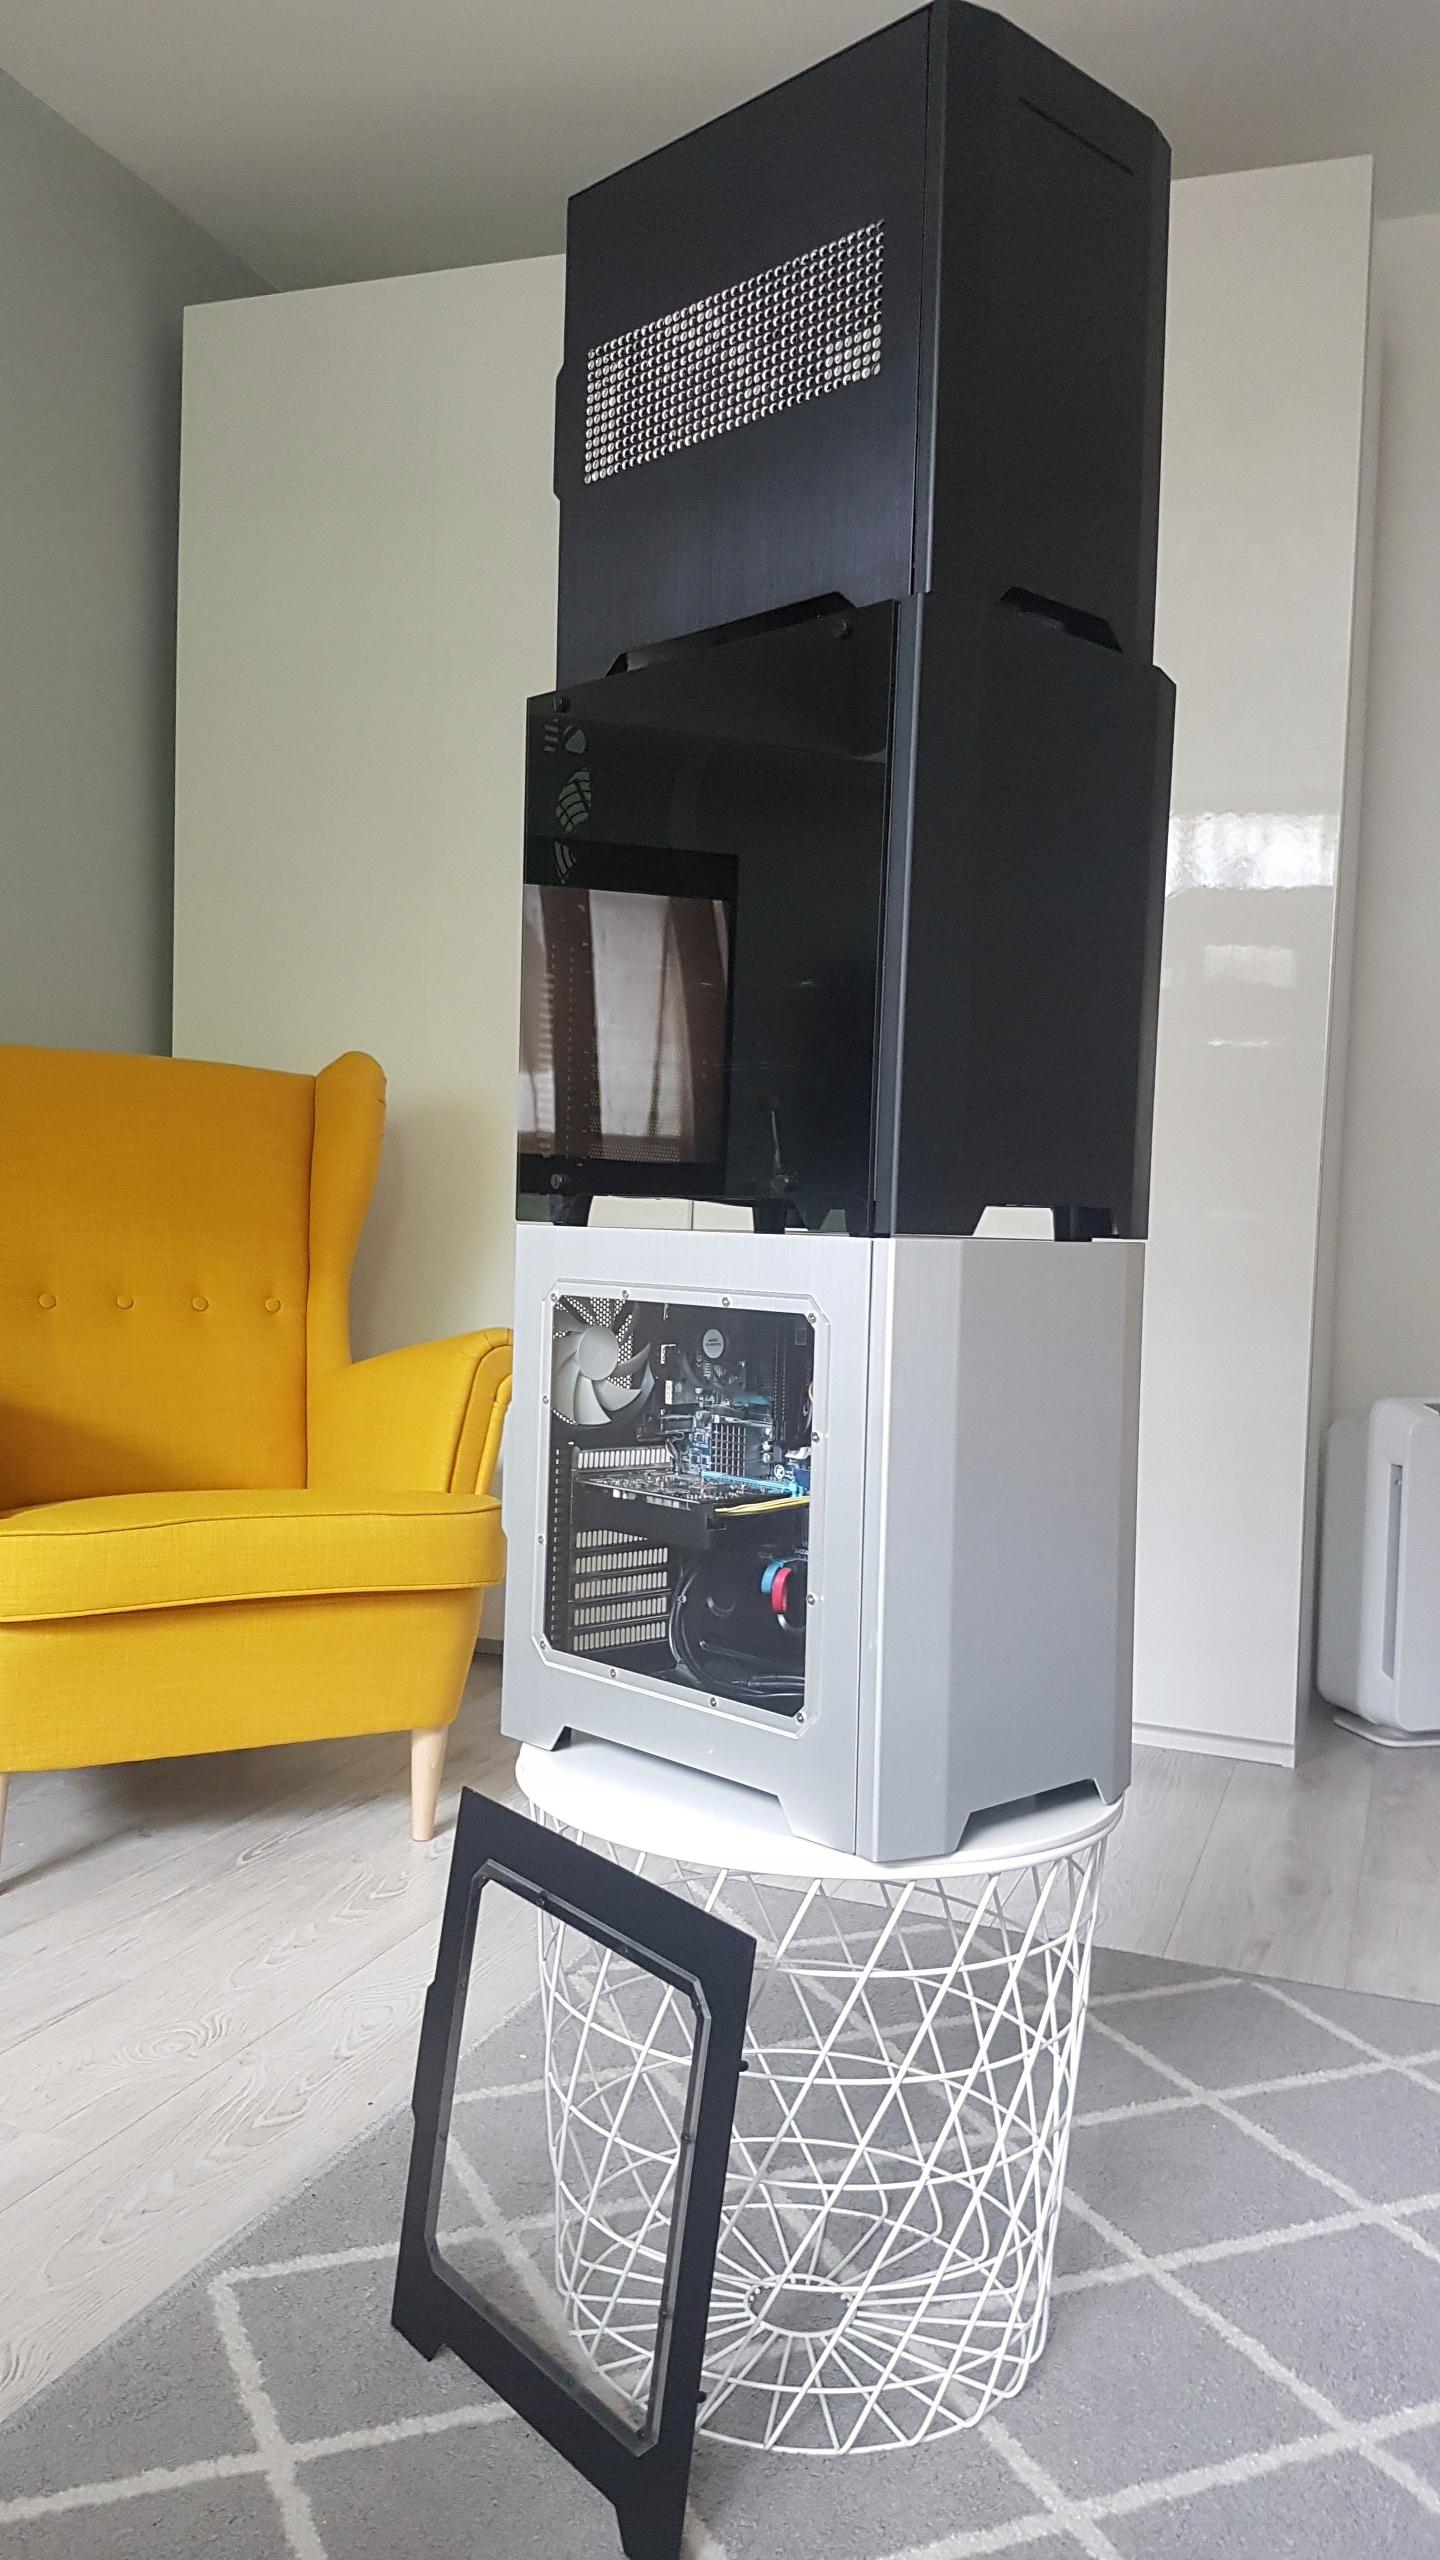 i7 6700K GTX970 TridentZ 16GB EVGA 750w COOLTEK W2